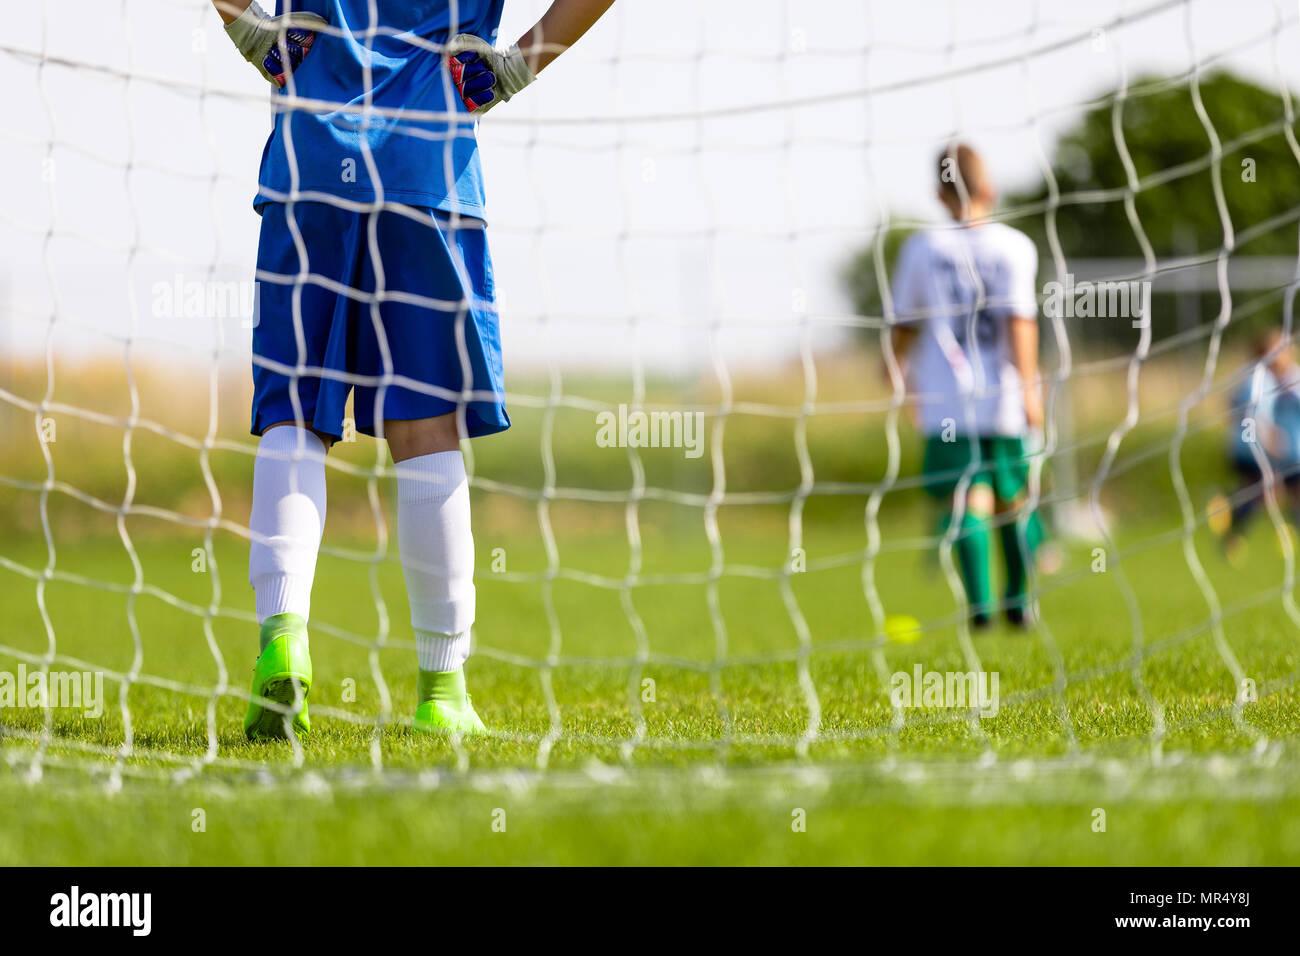 Immagini Di Calcio Per Bambini : Allenamento di calcio gioco per bambini ragazzo giovane come un